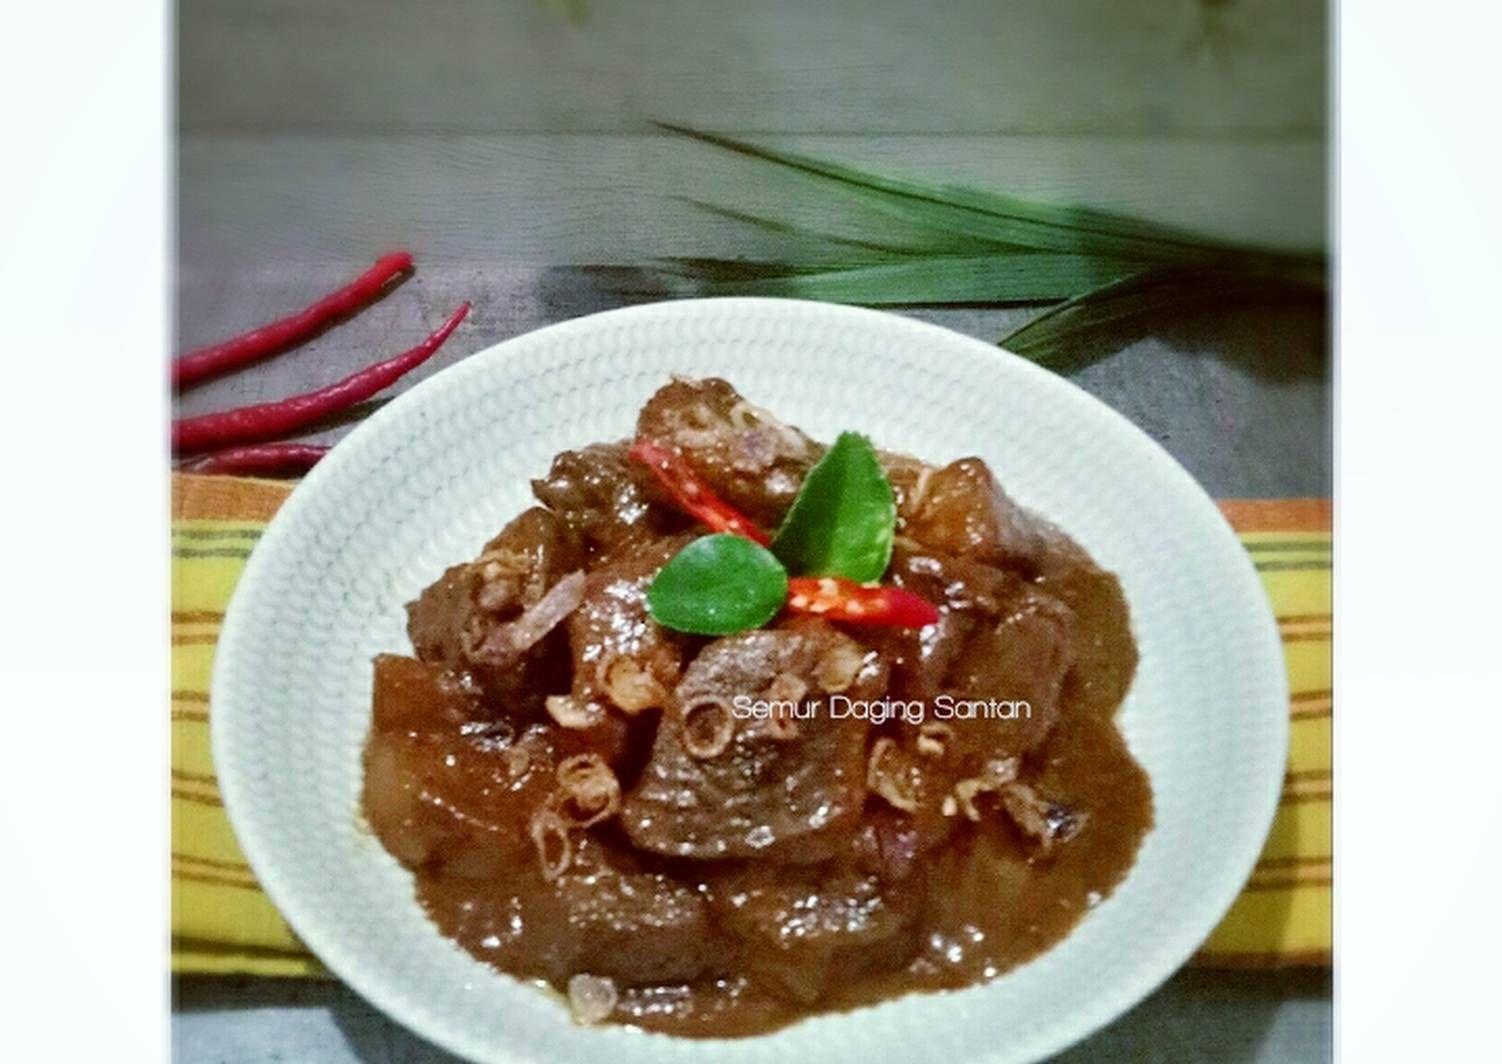 Resep Semur Daging Santan Oleh Rini Julia Resep Semur Daging Masakan Daging